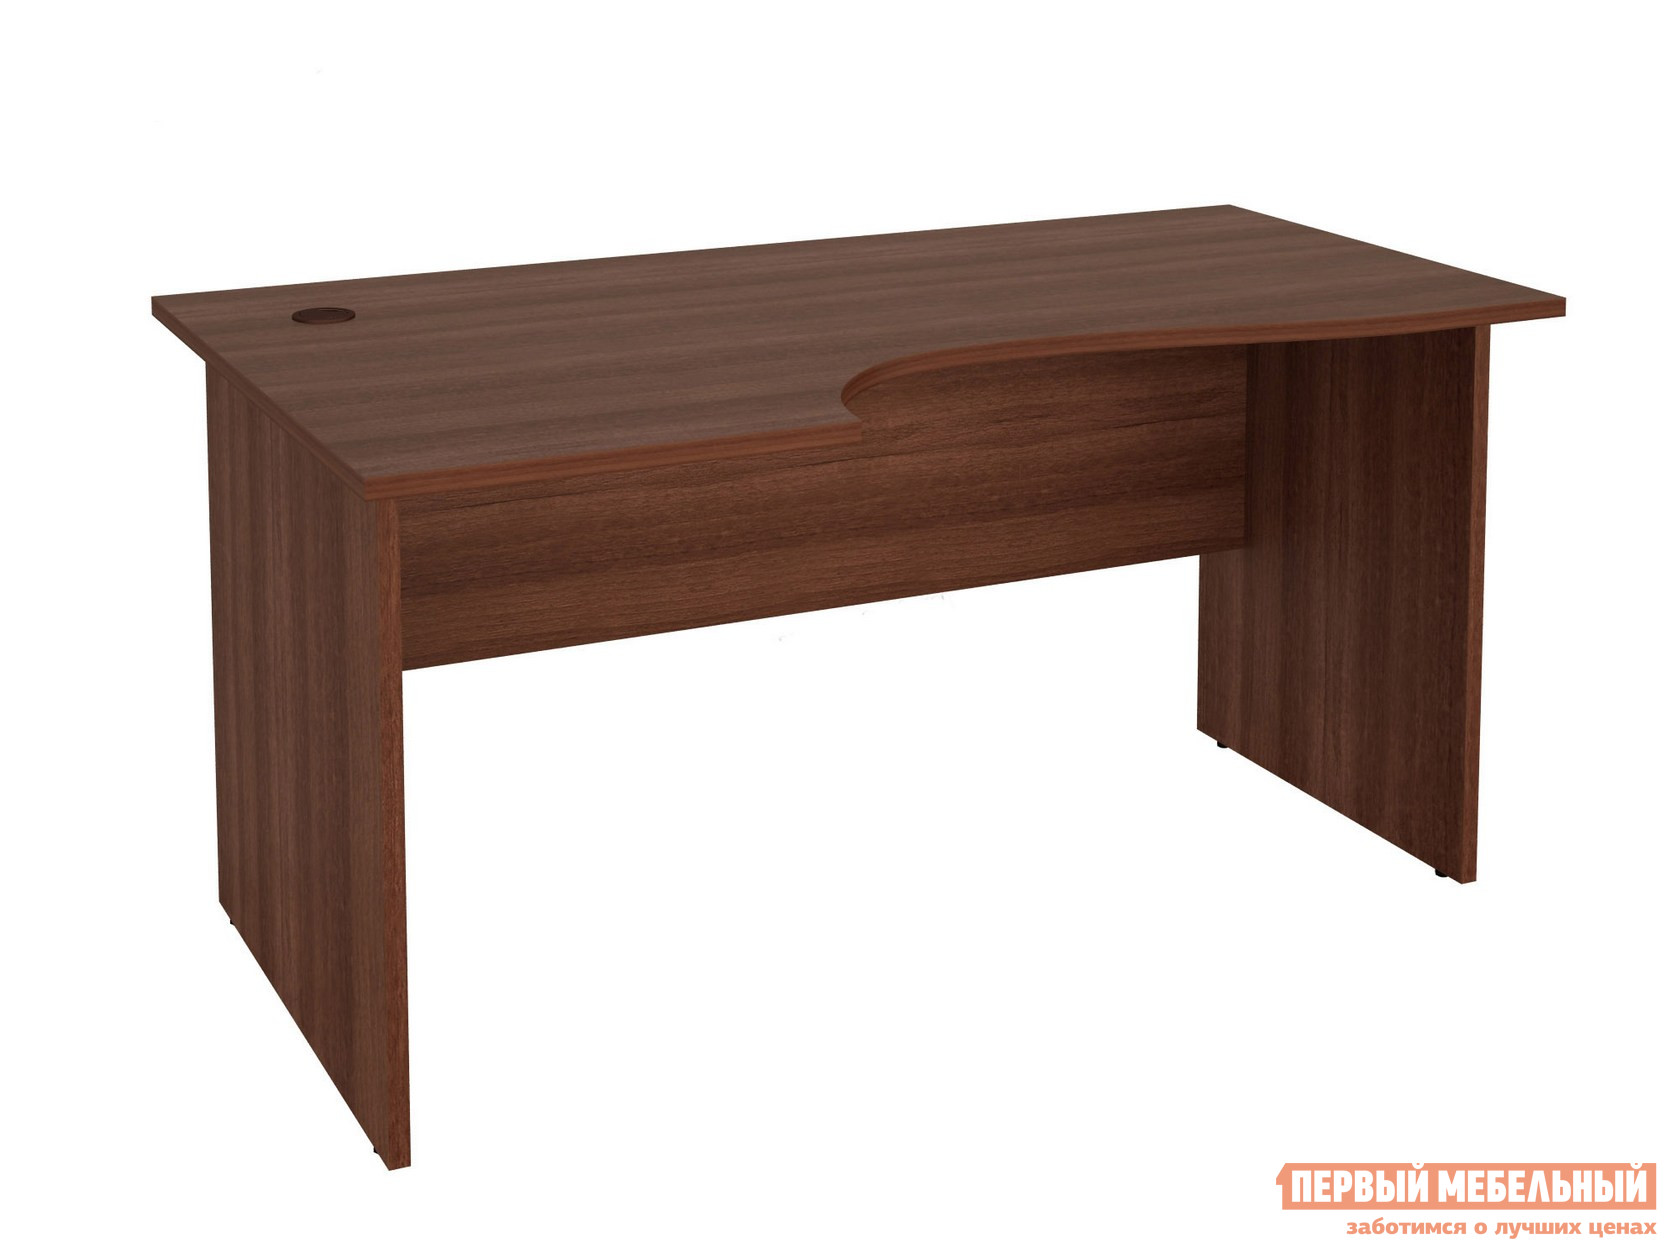 Угловой письменный стол Витра 61(62).22 угловой письменный стол витра 61 62 21